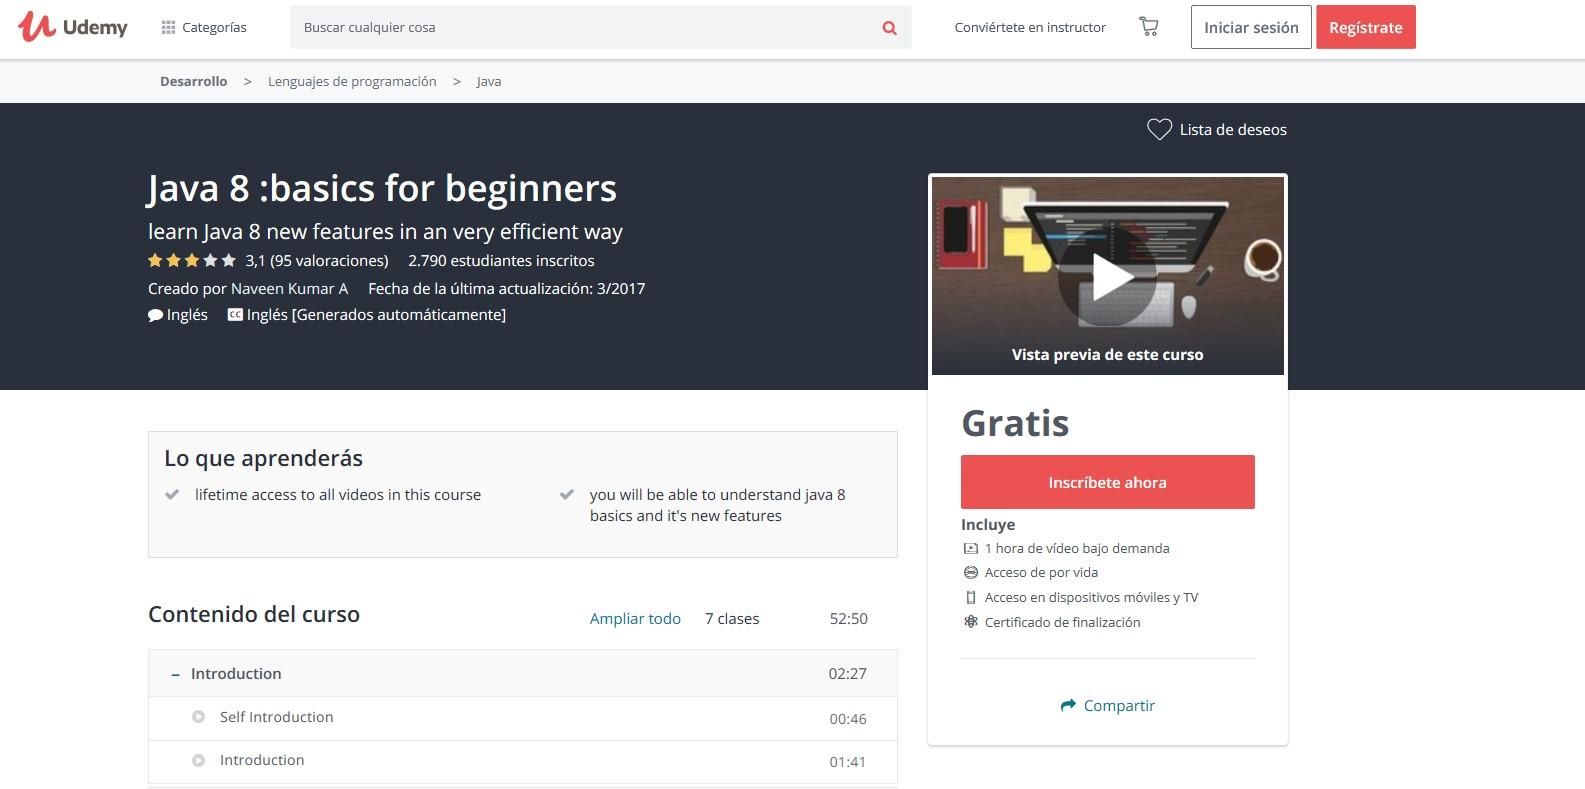 Cursos para aprender Java 8 y 9